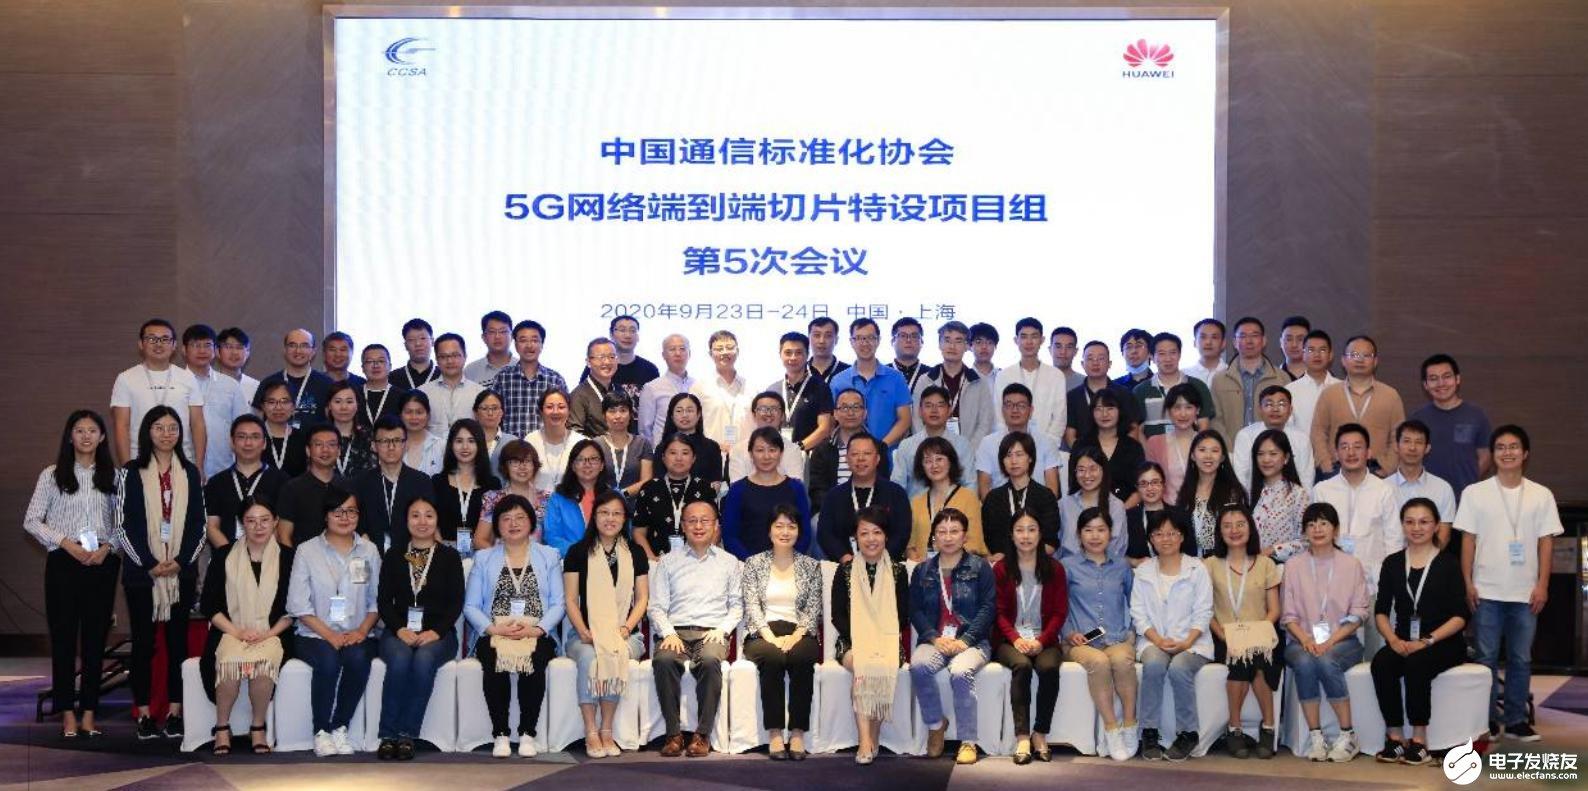 华为携手CCSA推进5G SA切片特性的成功商用